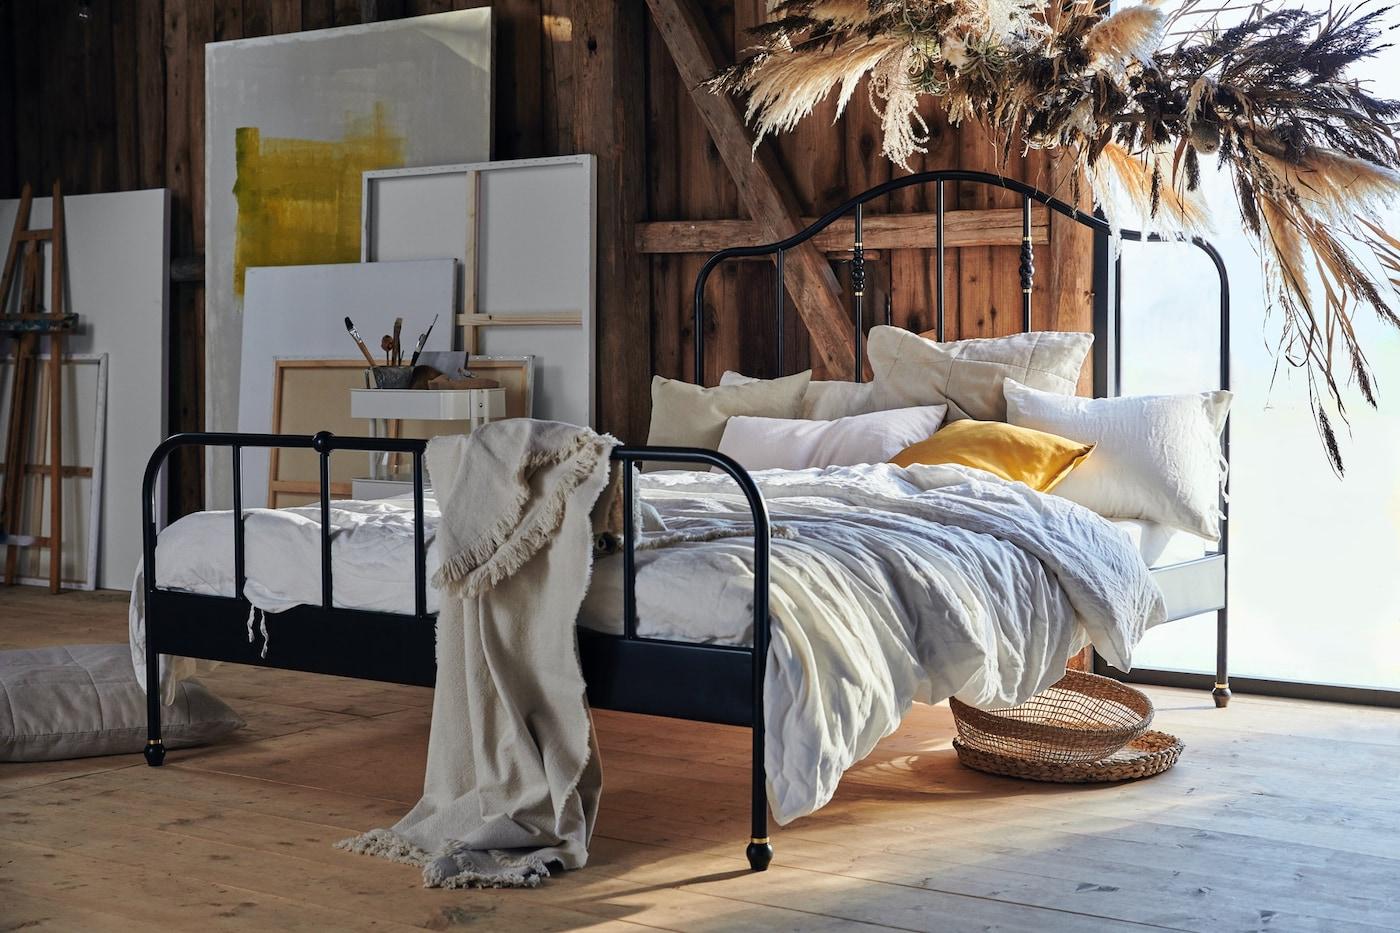 ¿Cama doble o cama individual? ¿Clásica o moderna? ¿Qué te parece tu nueva recámara? Nuestra galería de inspiración ofrece muchas ideas para crear una espacio de ensueño.